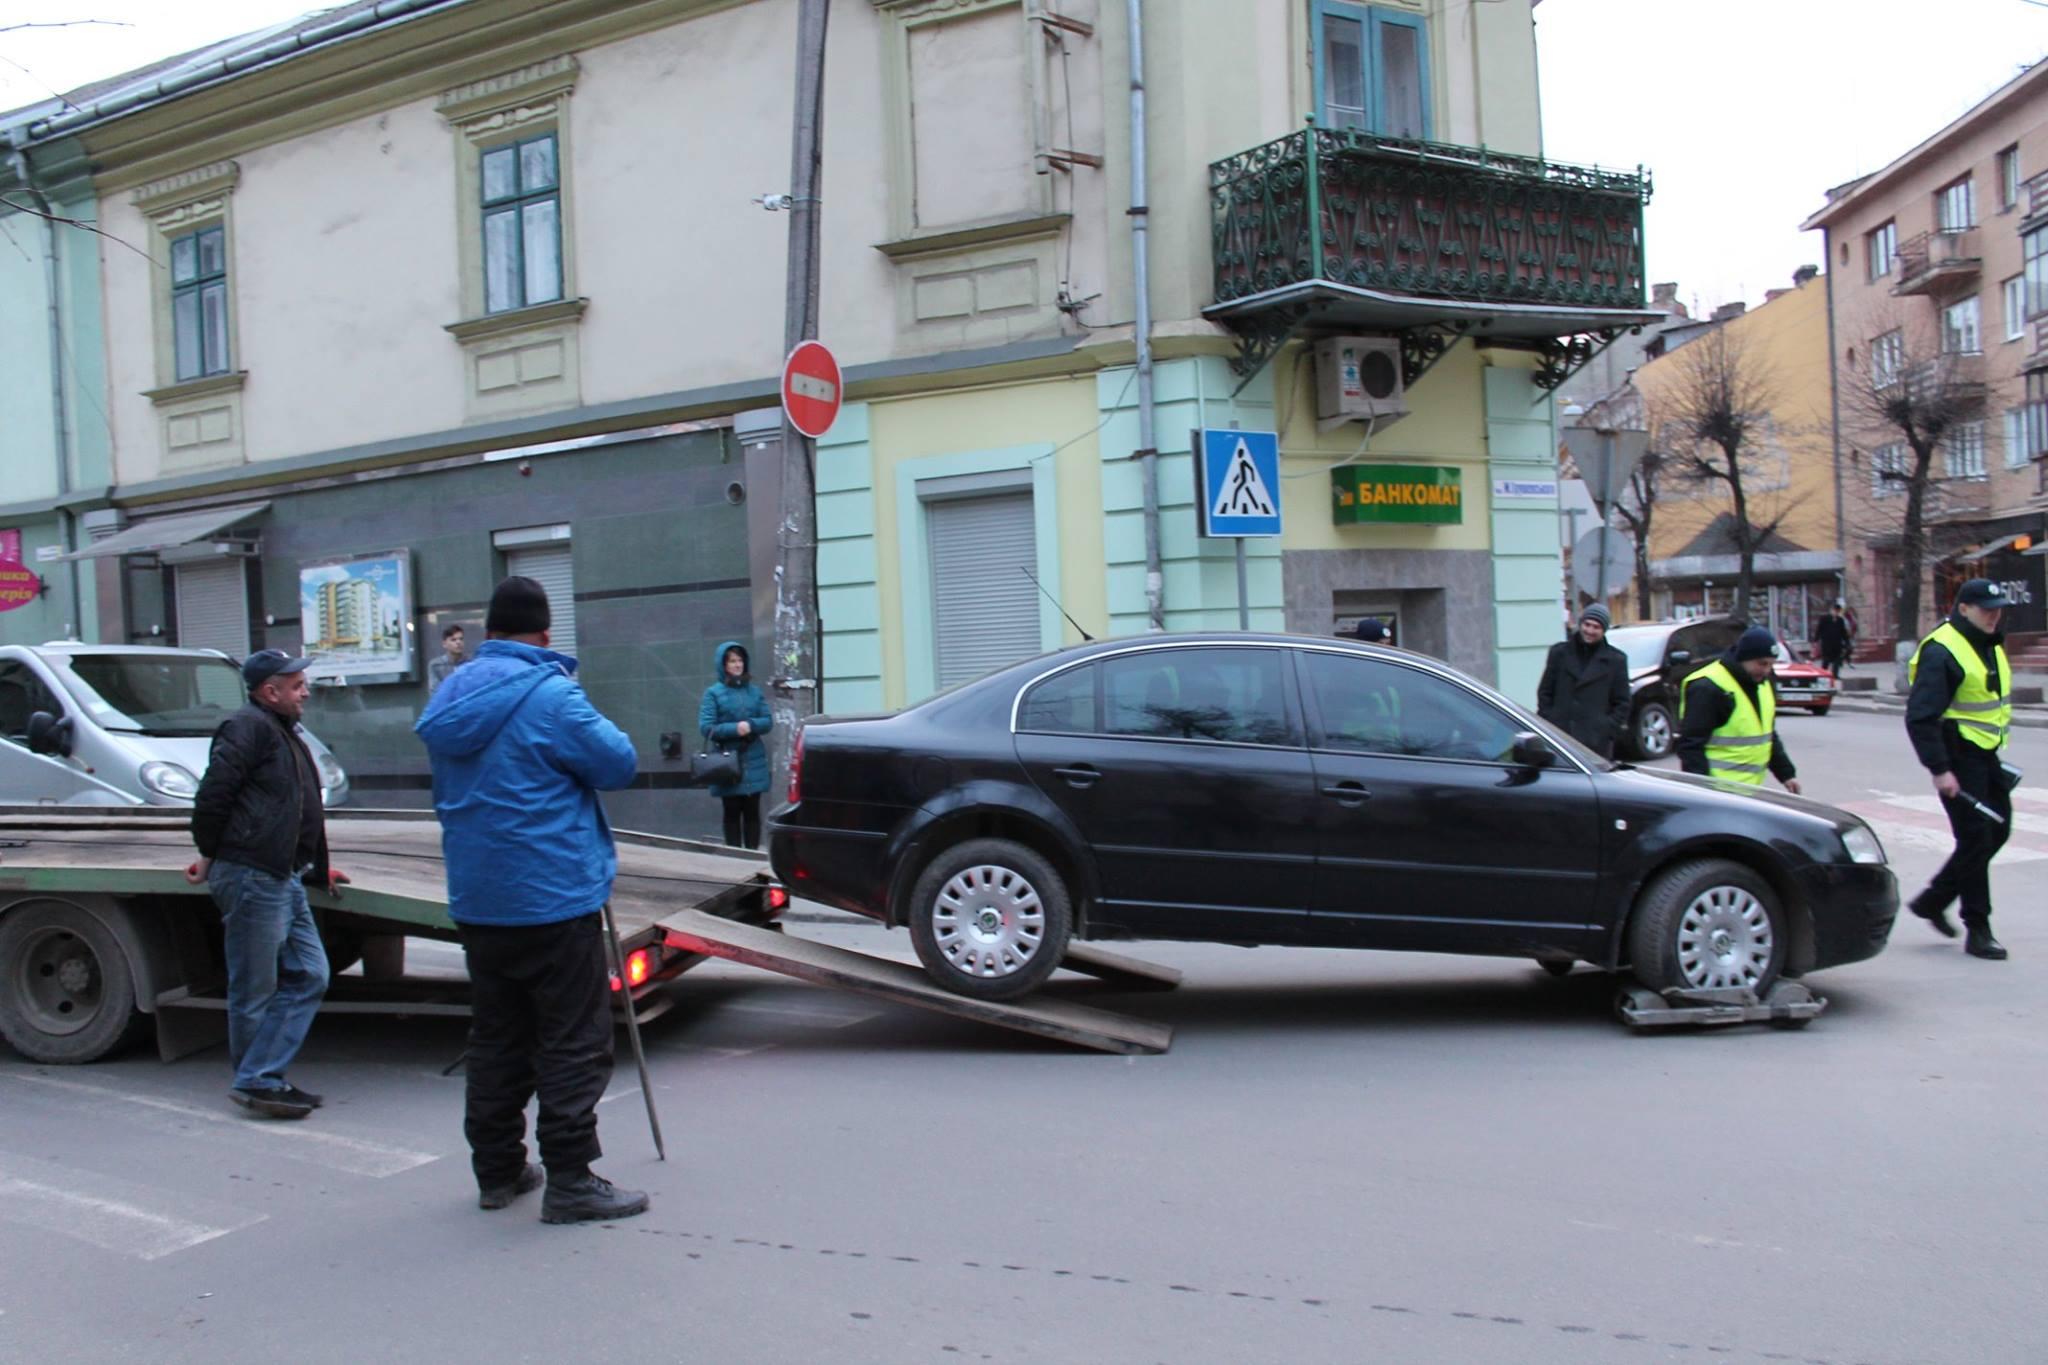 ВАЖНО: в центре Киева больше не припаркуешься. 61 улица, где это будет запрещено